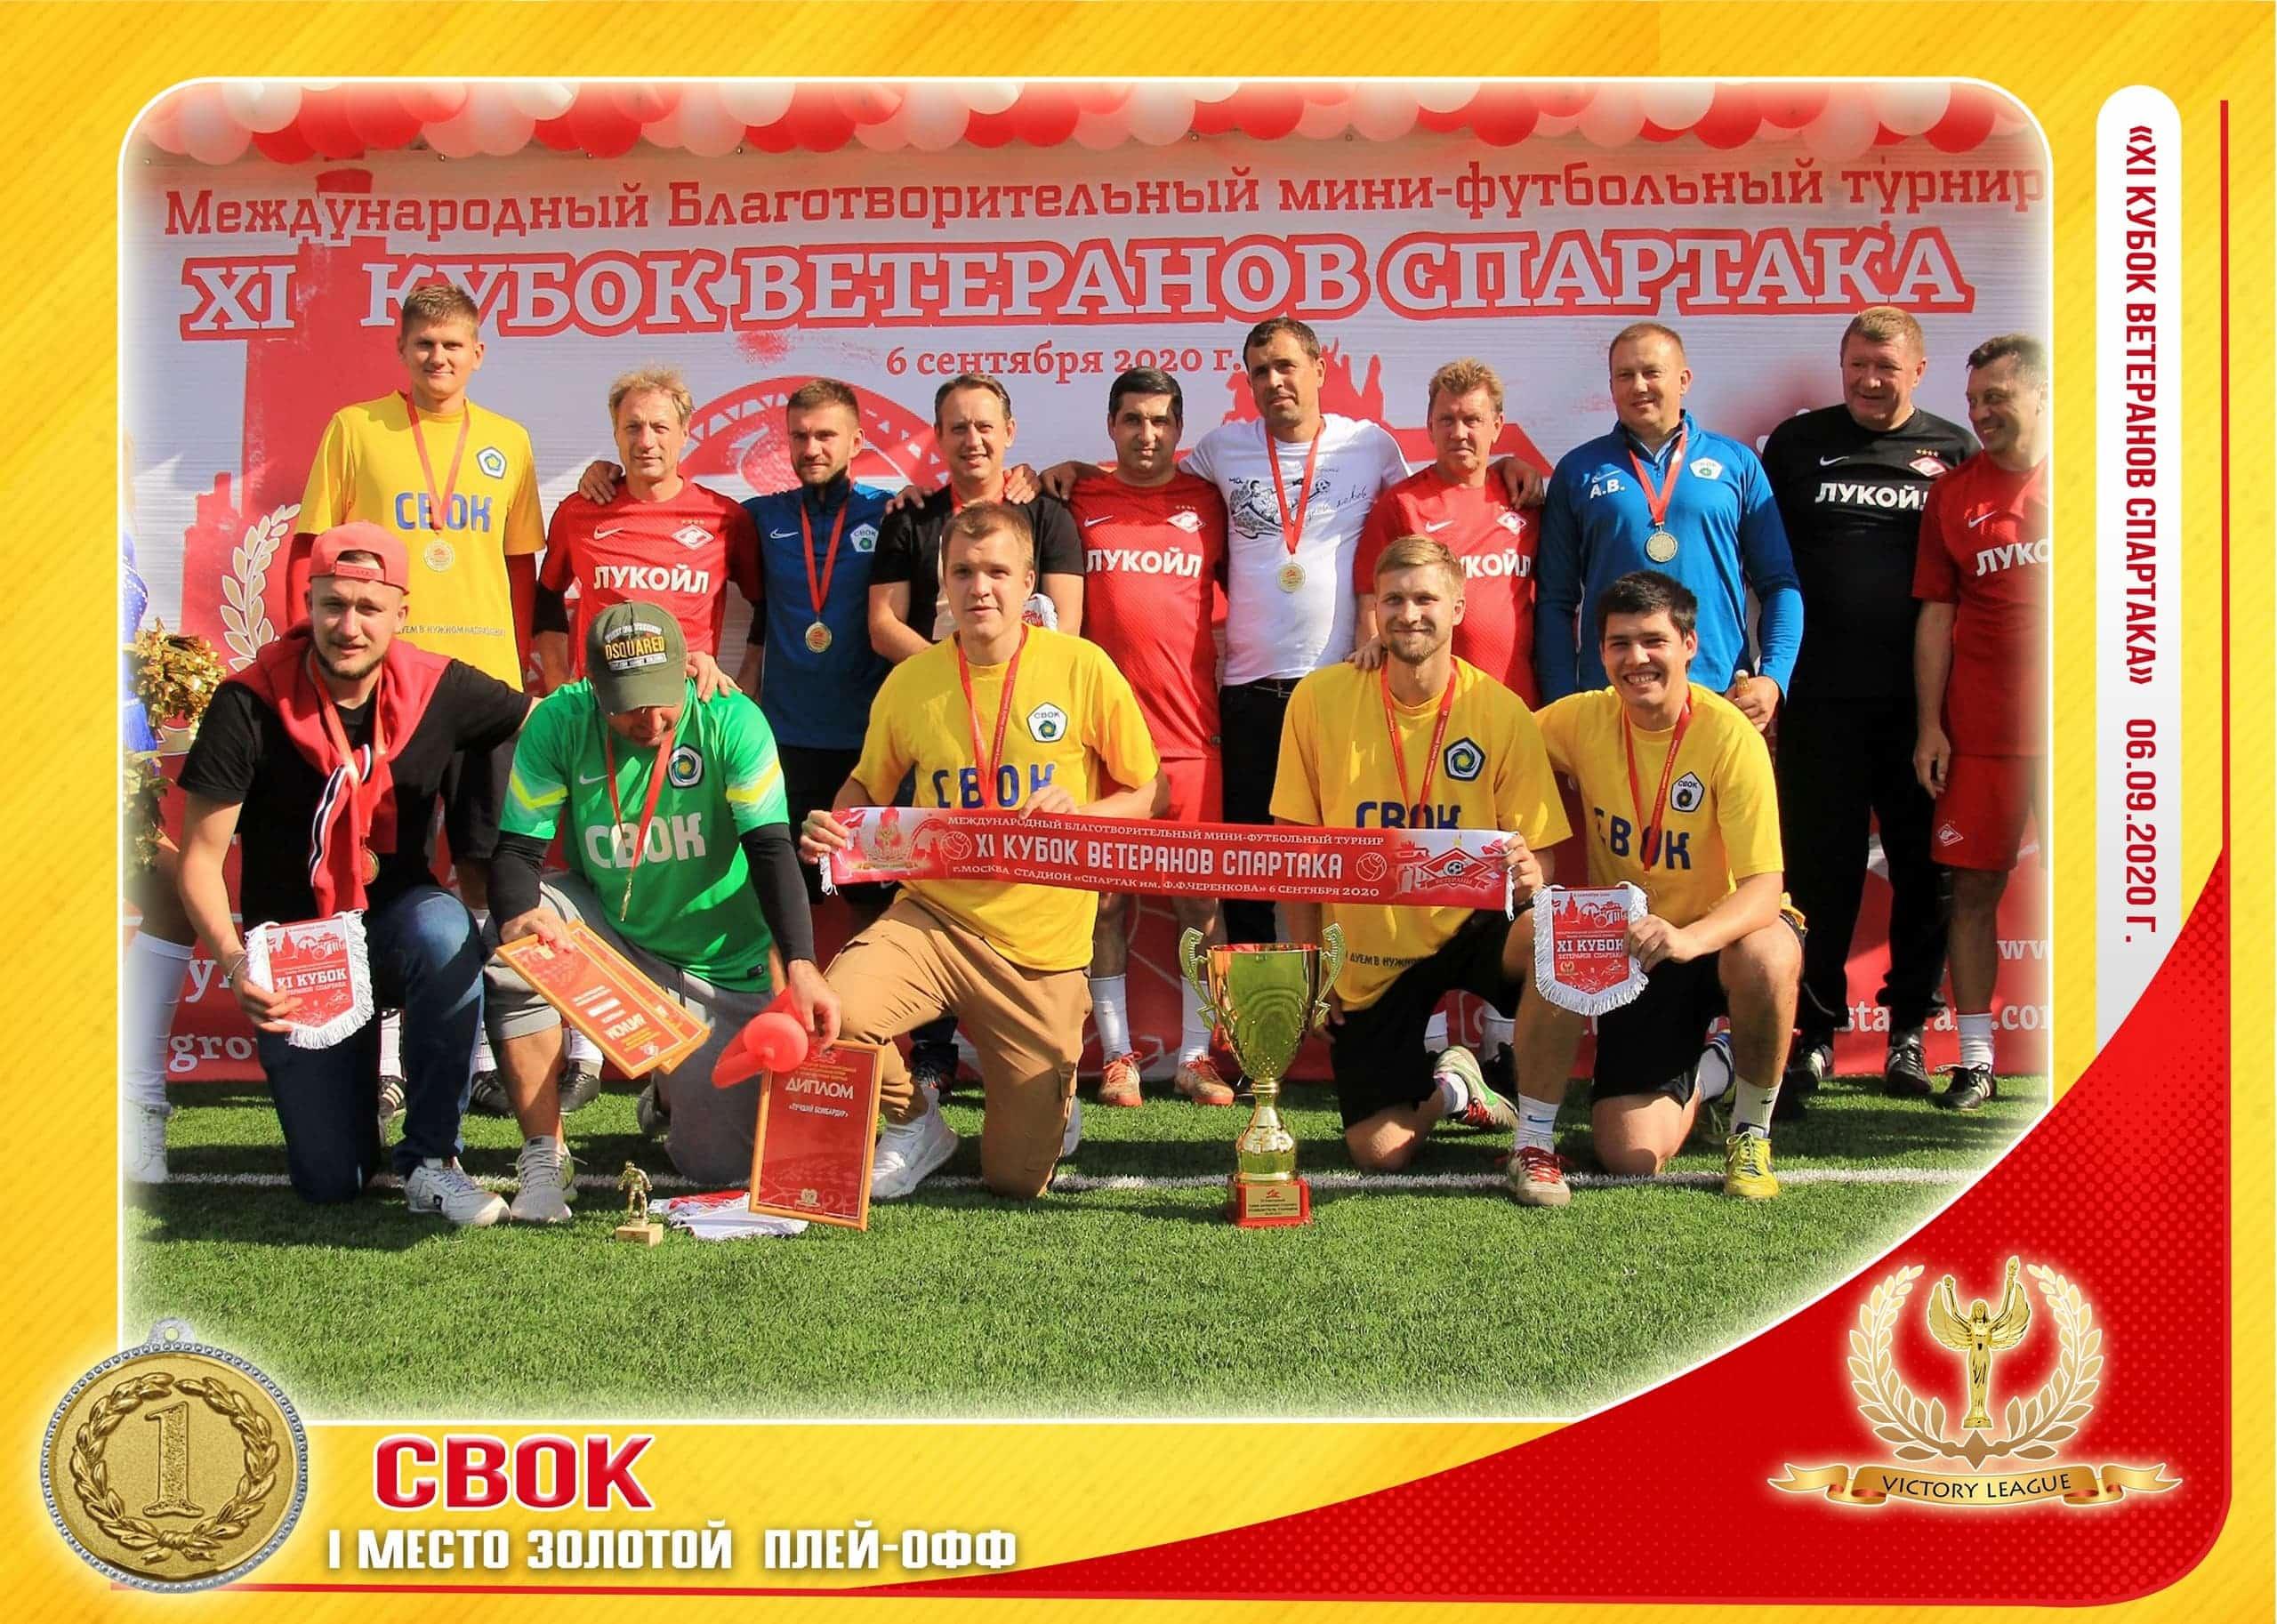 Мини-футбольный турнир «XI Кубок Ветеранов Спартака»